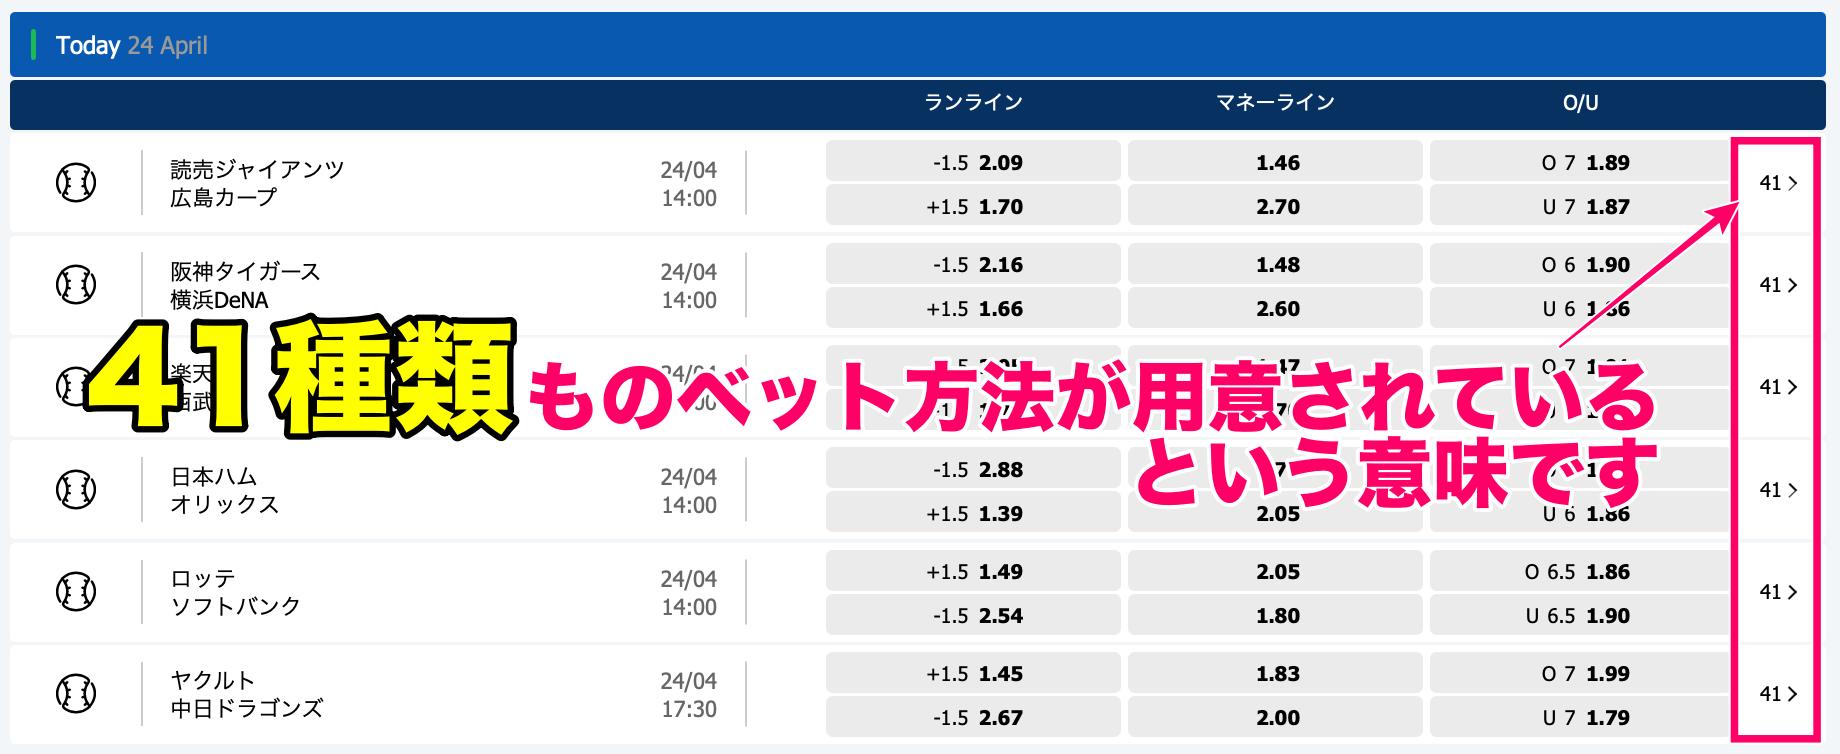 10bet Japan プロ野球やり方賭け方3